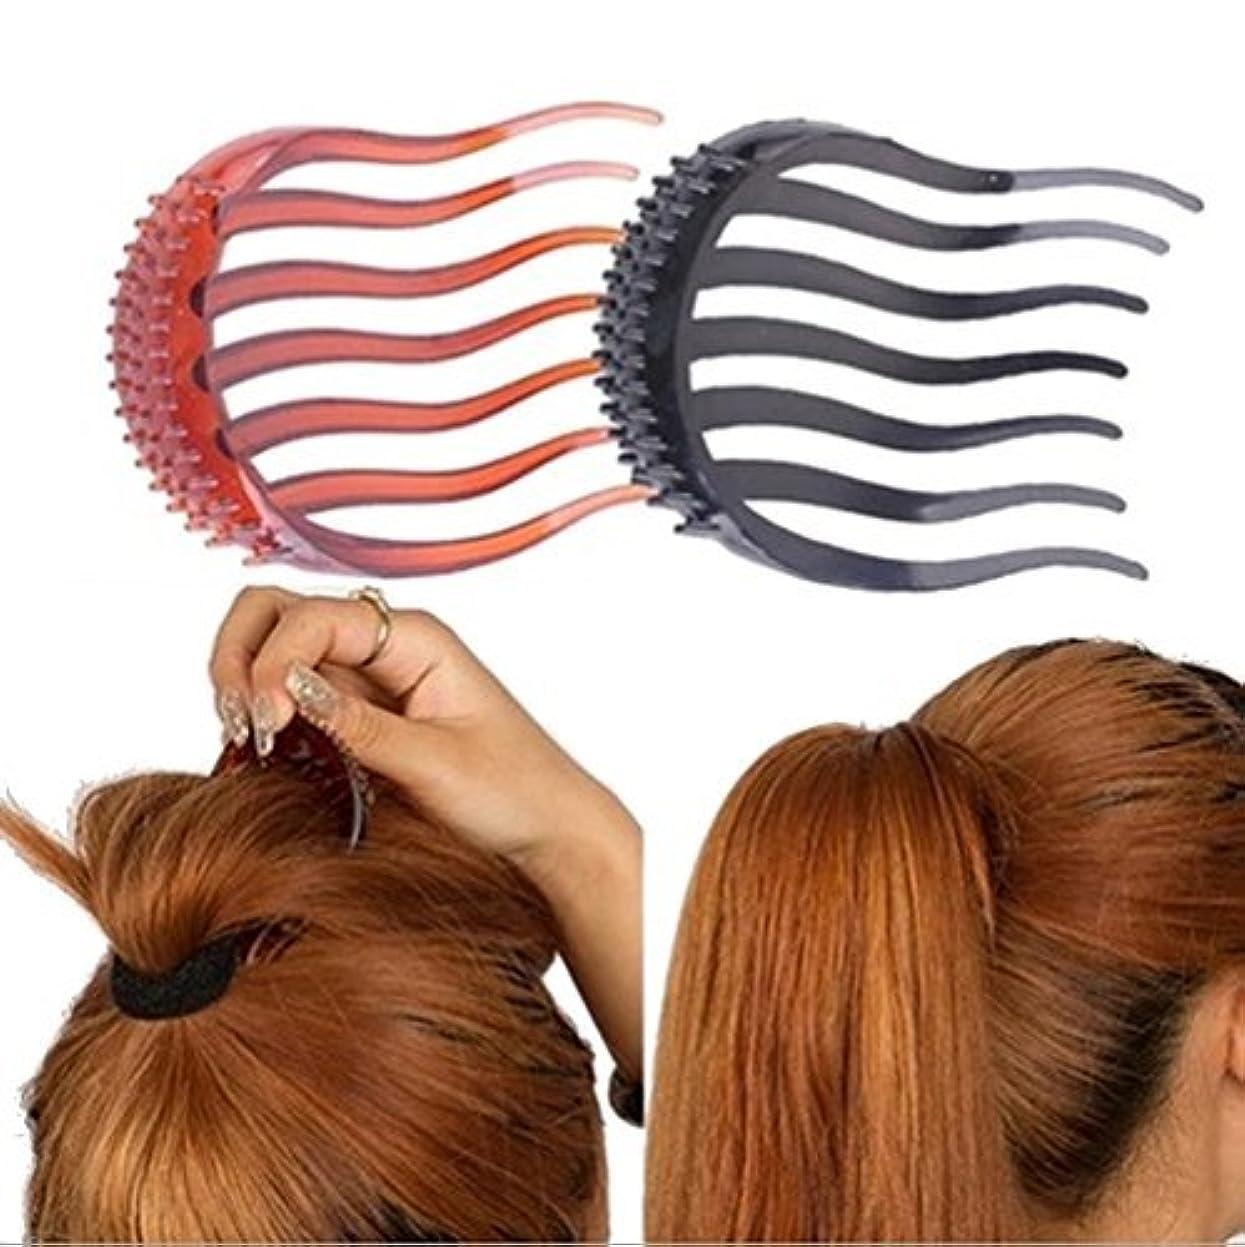 建物いとこごみ2Pcs Ponytail Bump it UP Hair Styling Insert Comb Fluffy Hair Comb (1Black+1Coffee) [並行輸入品]